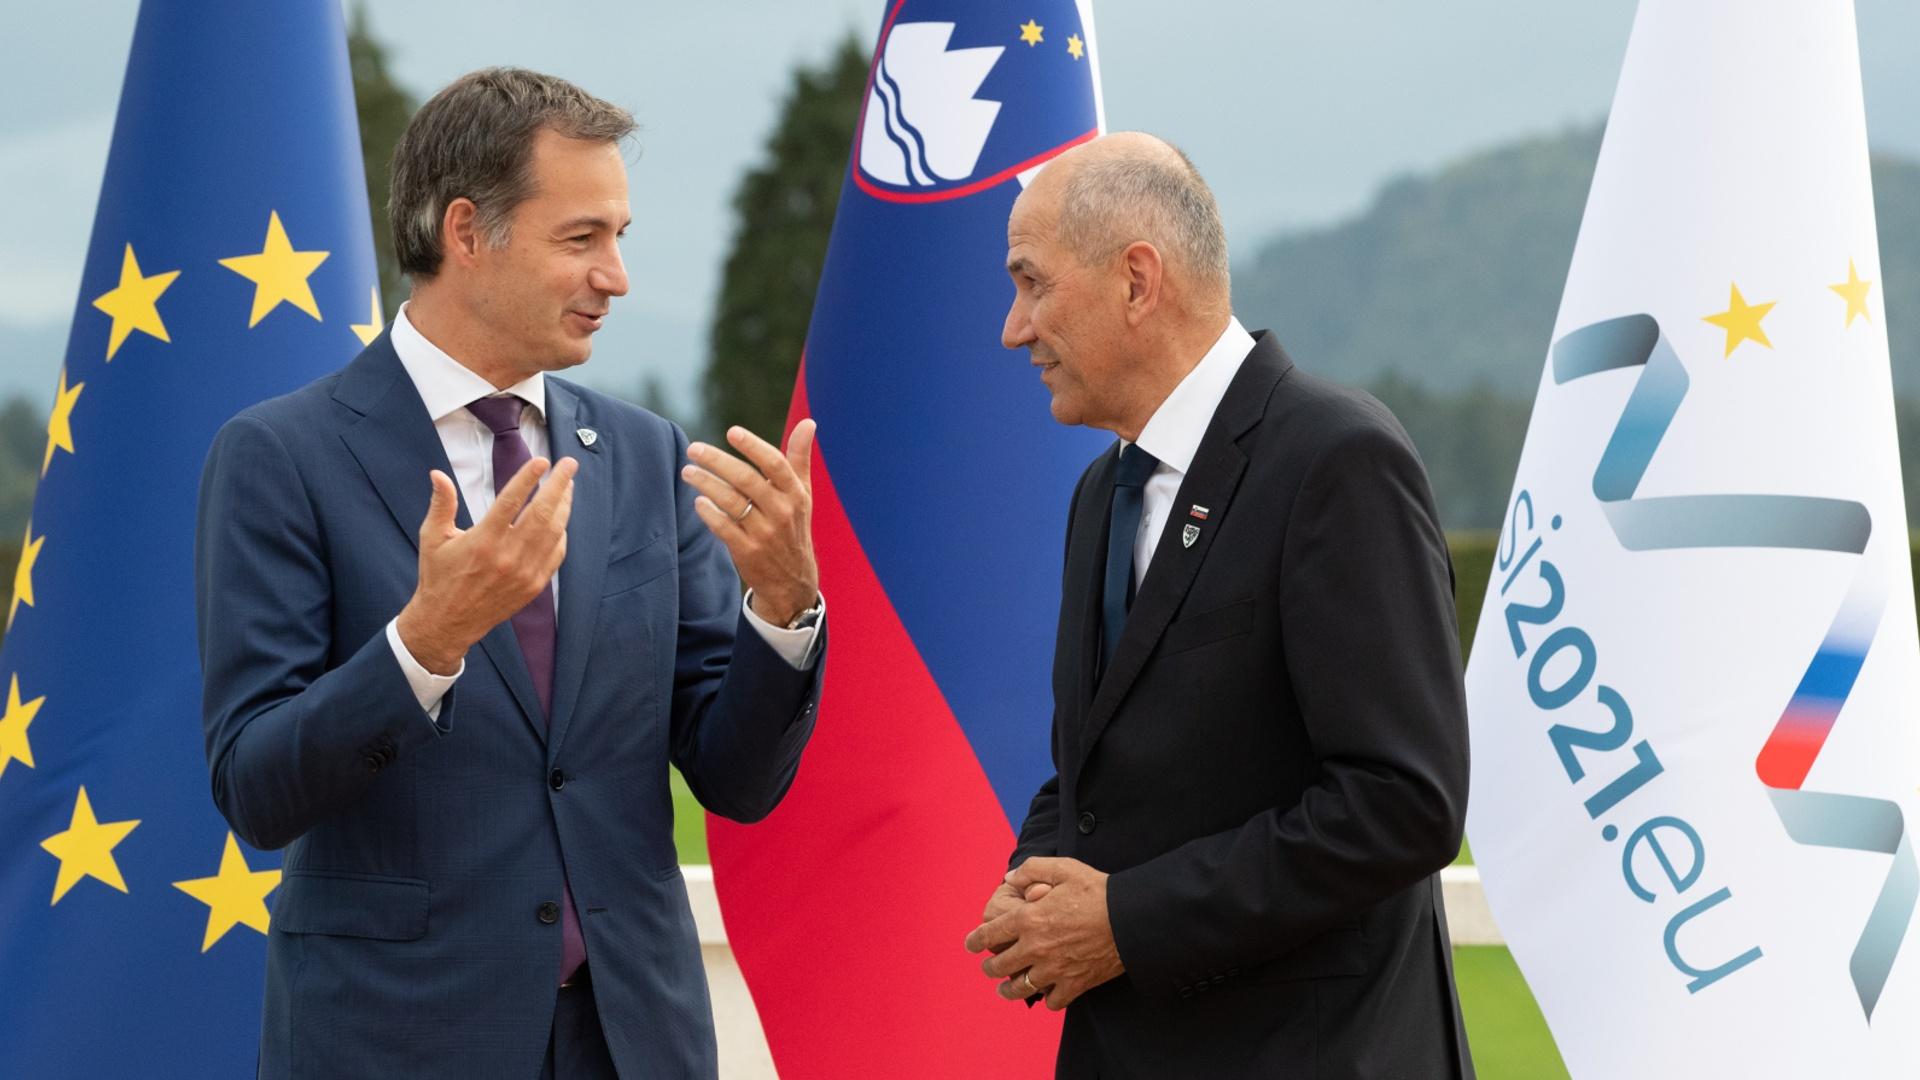 Лидеры ЕС обсудили отношения с Китаем и США на неформальной встрече в Словении